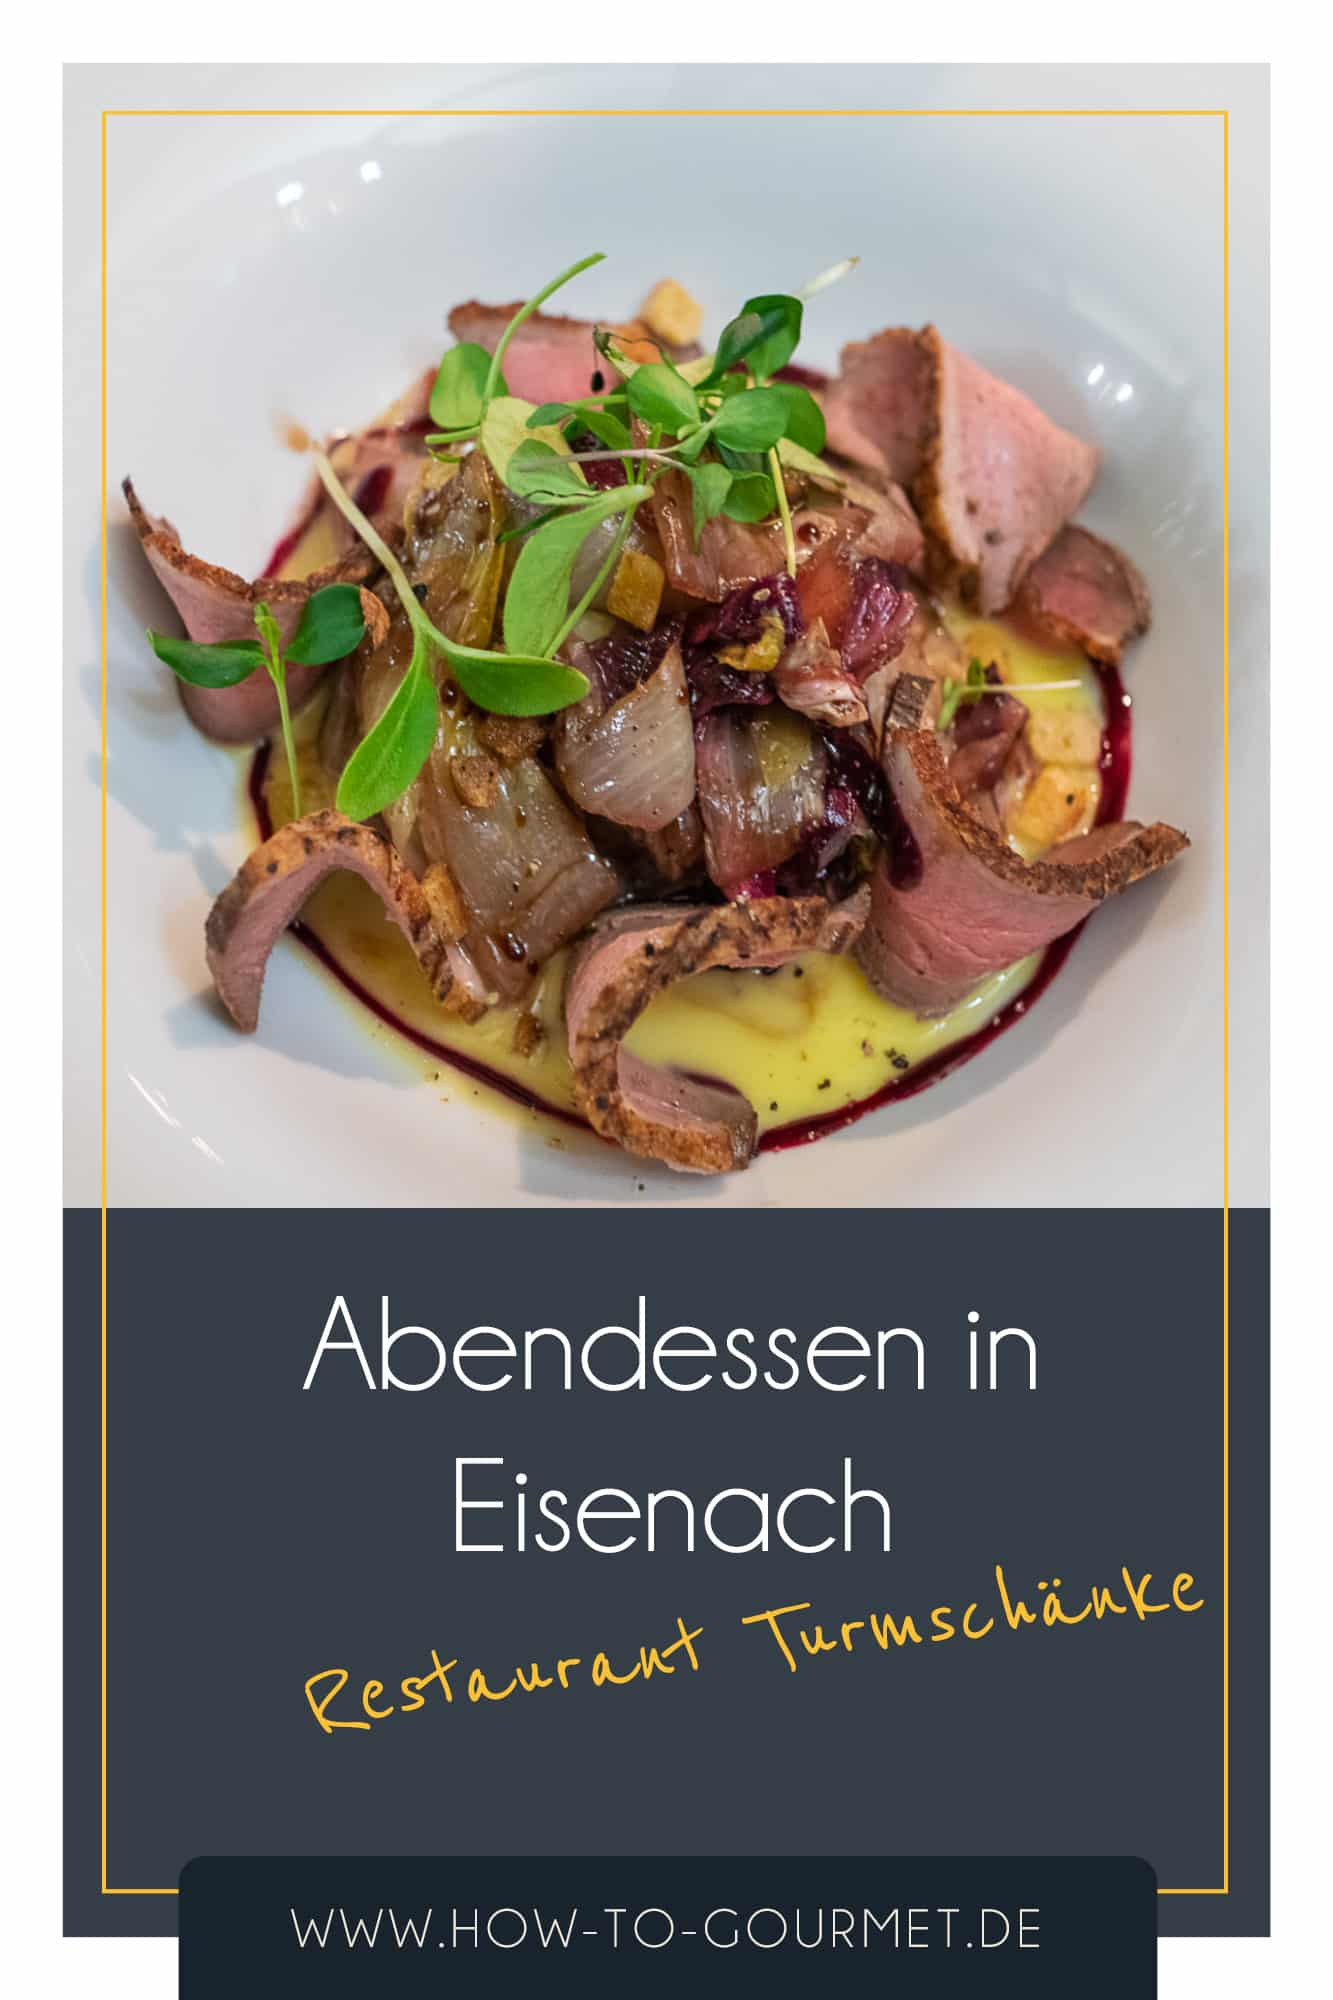 Eisenach Turmschänke